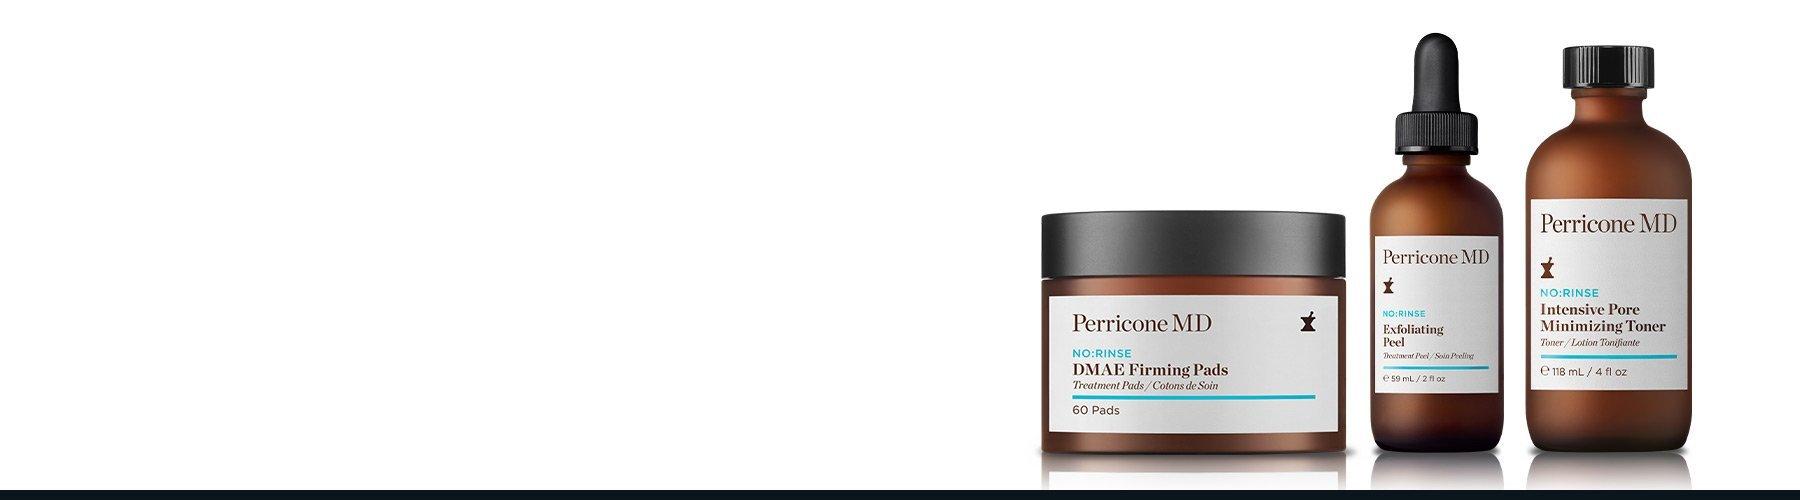 Esfolianti e Tonici - Perricone MD Italia